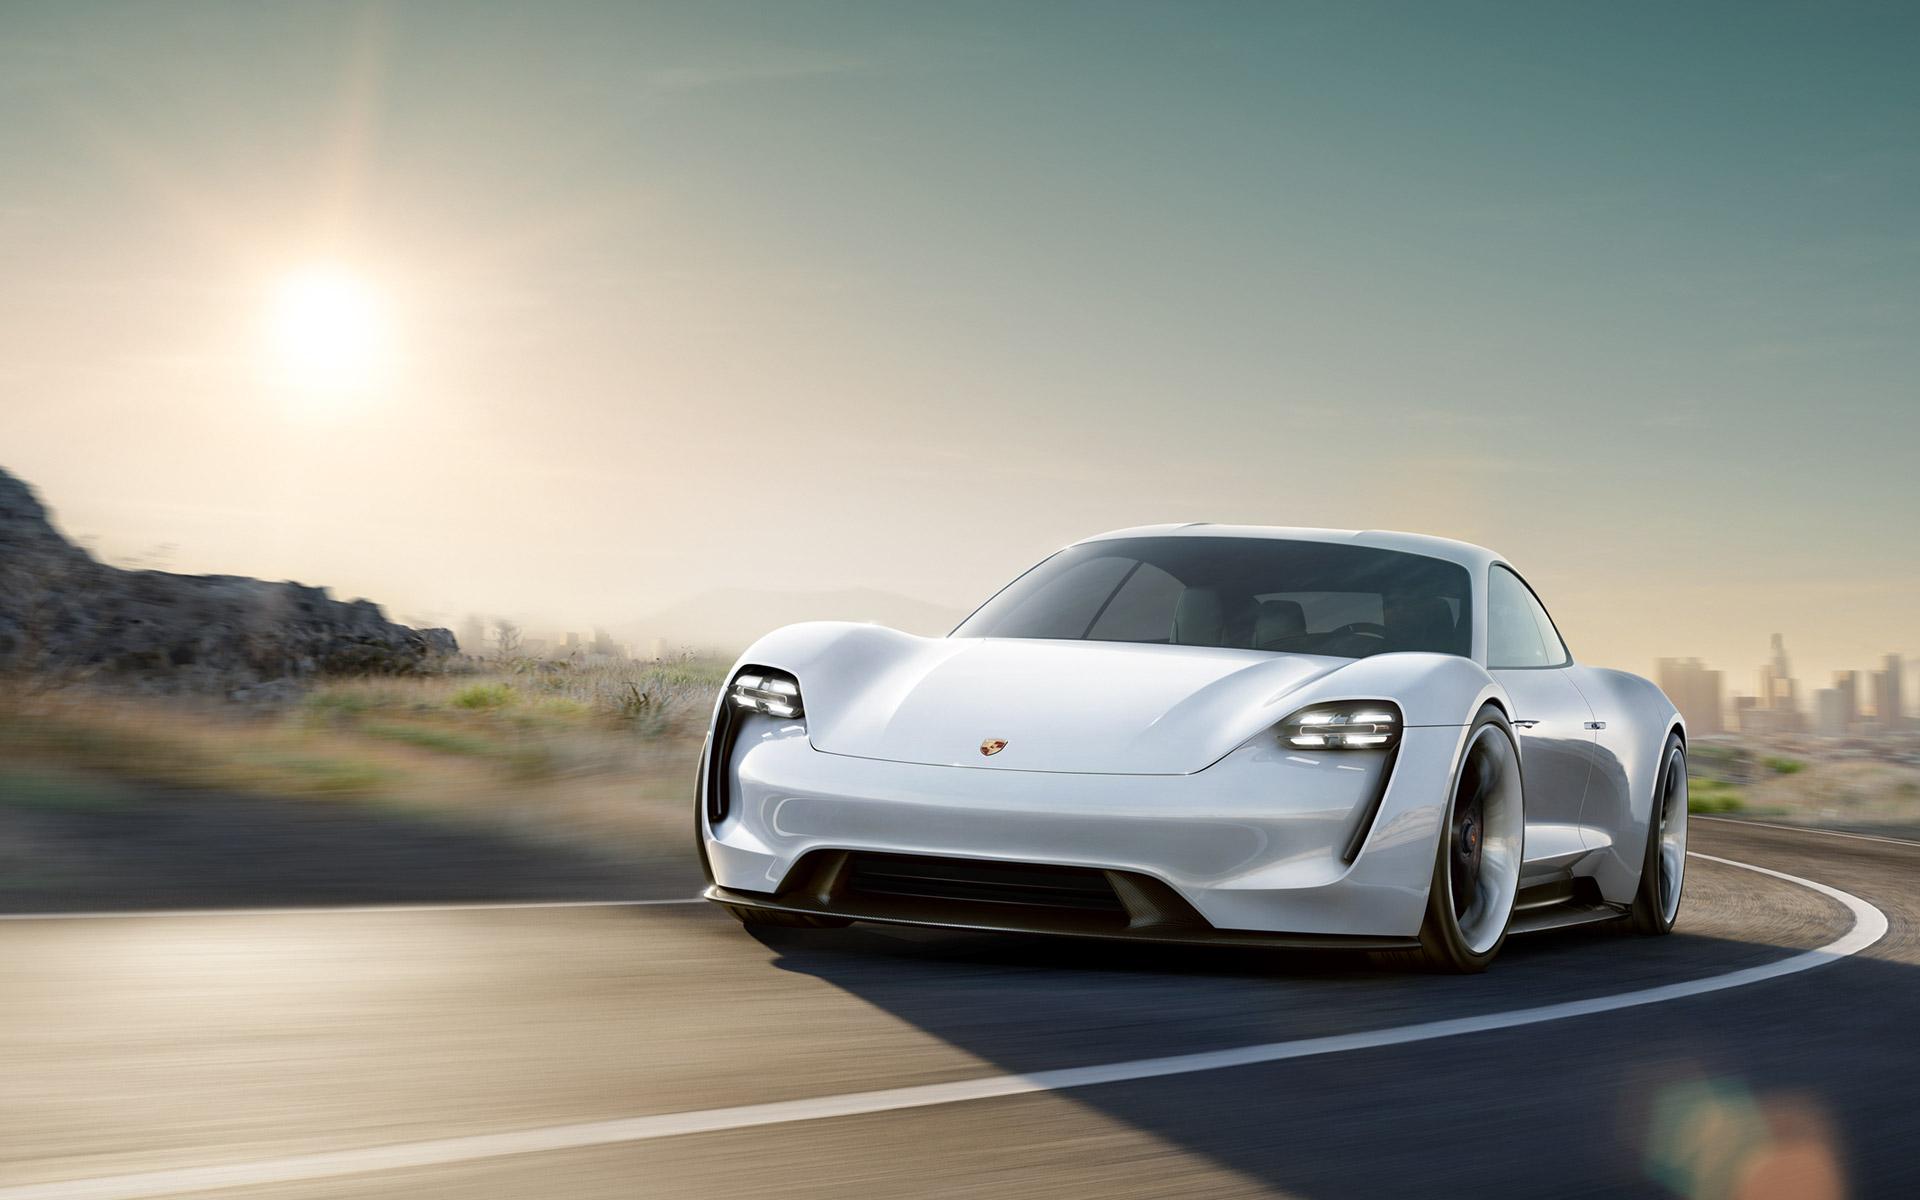 El Porsche Mission E continúa adelante: cifras de auténtico deportivo